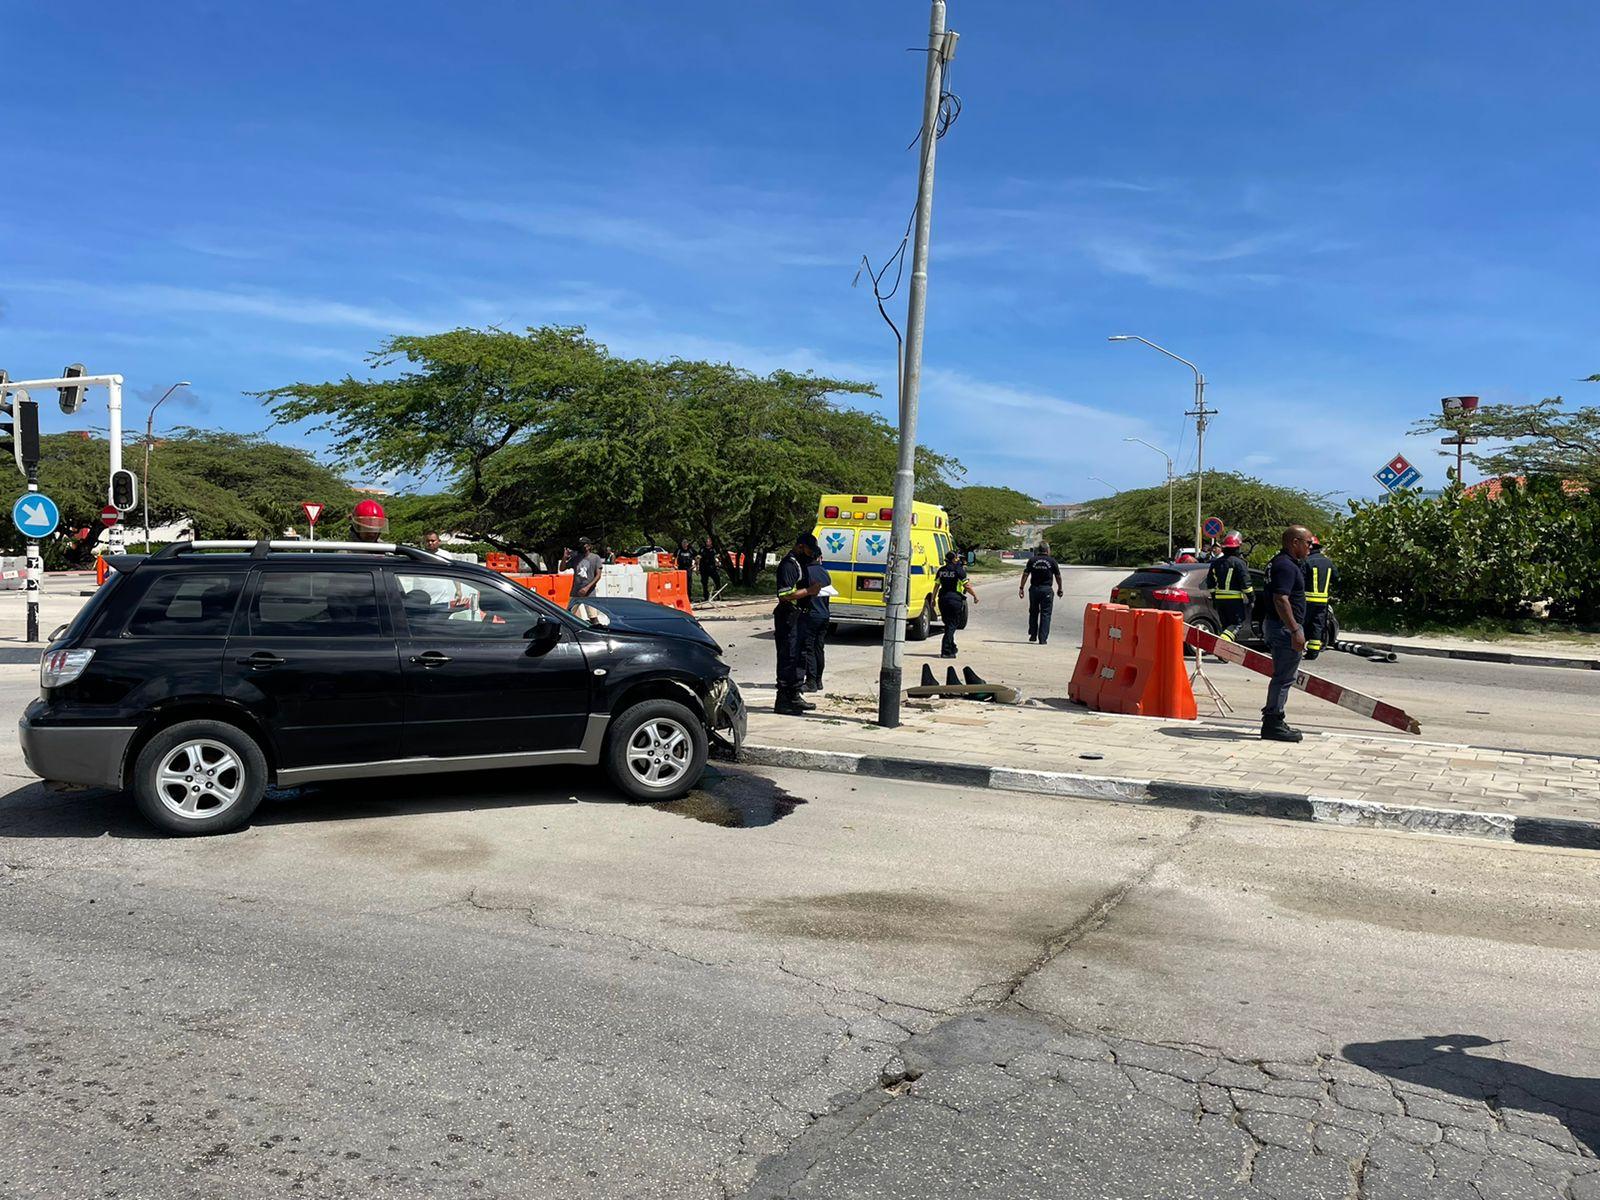 Mas herido: Otro accidente na e famoso crusada di Palm Beach